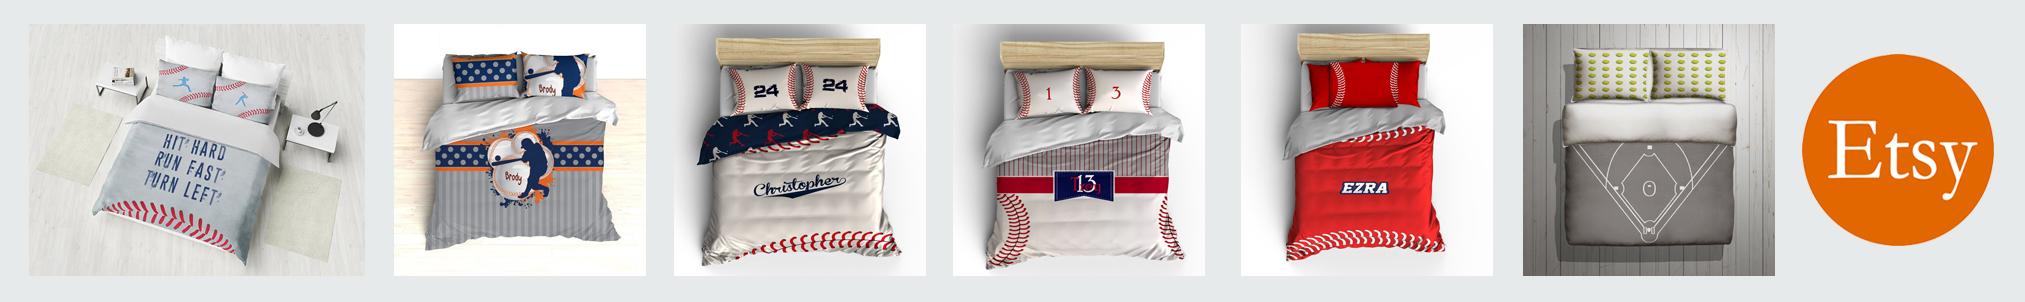 etsy baseball bedding banner3